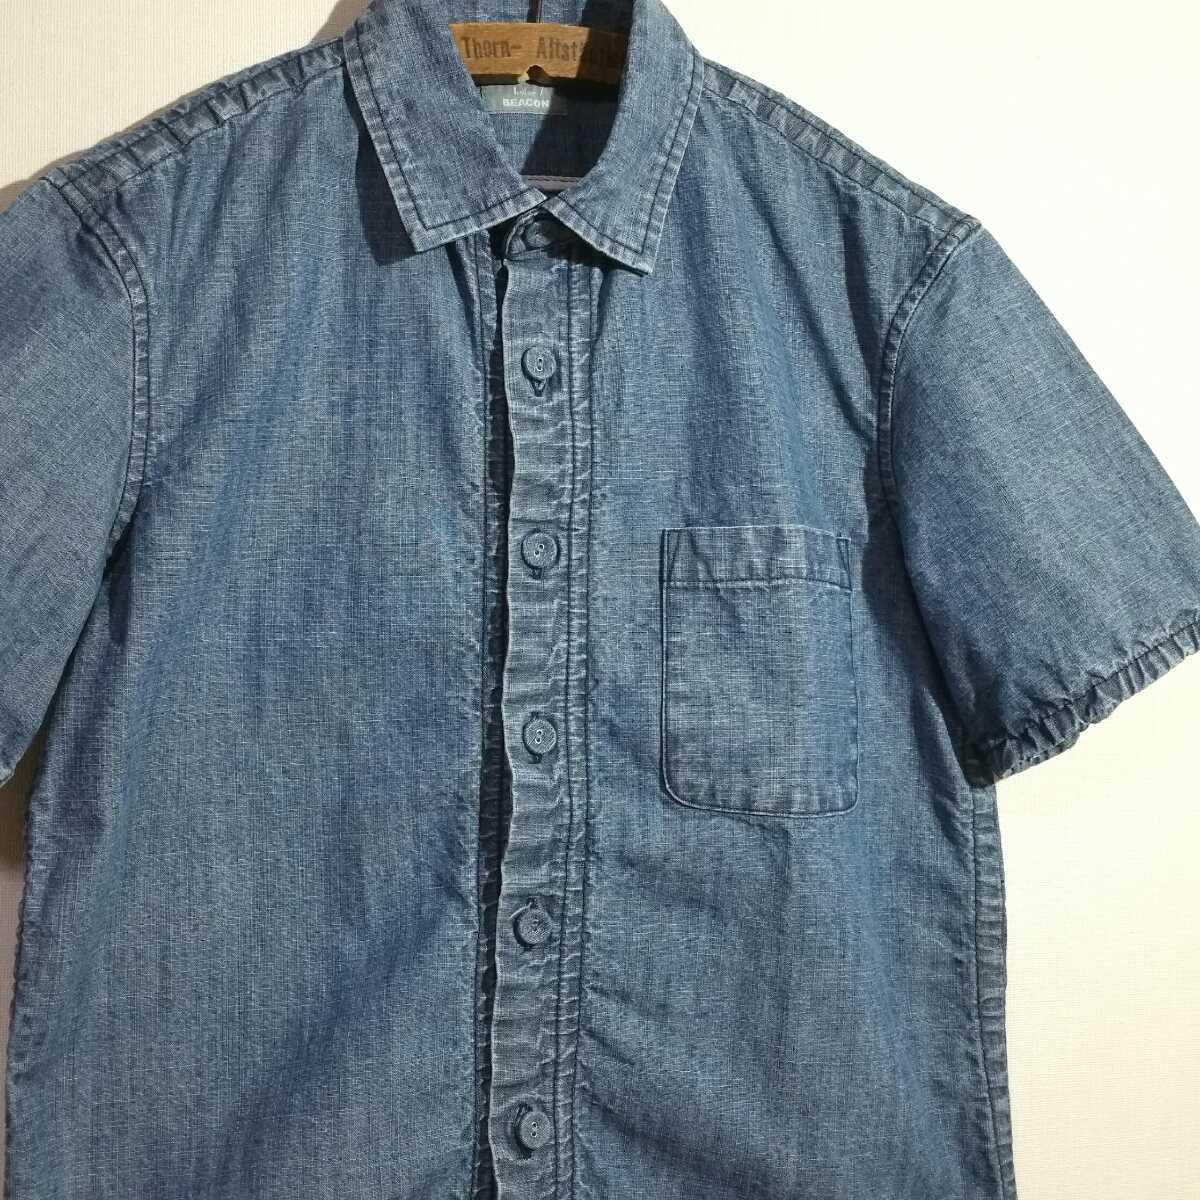 [物凄く屈強 インディゴシャンブレークロス] 14ss kolor BEACON パッカリング シャンブレー シャツ メンズ1 カラービーコン デニム 藍染め